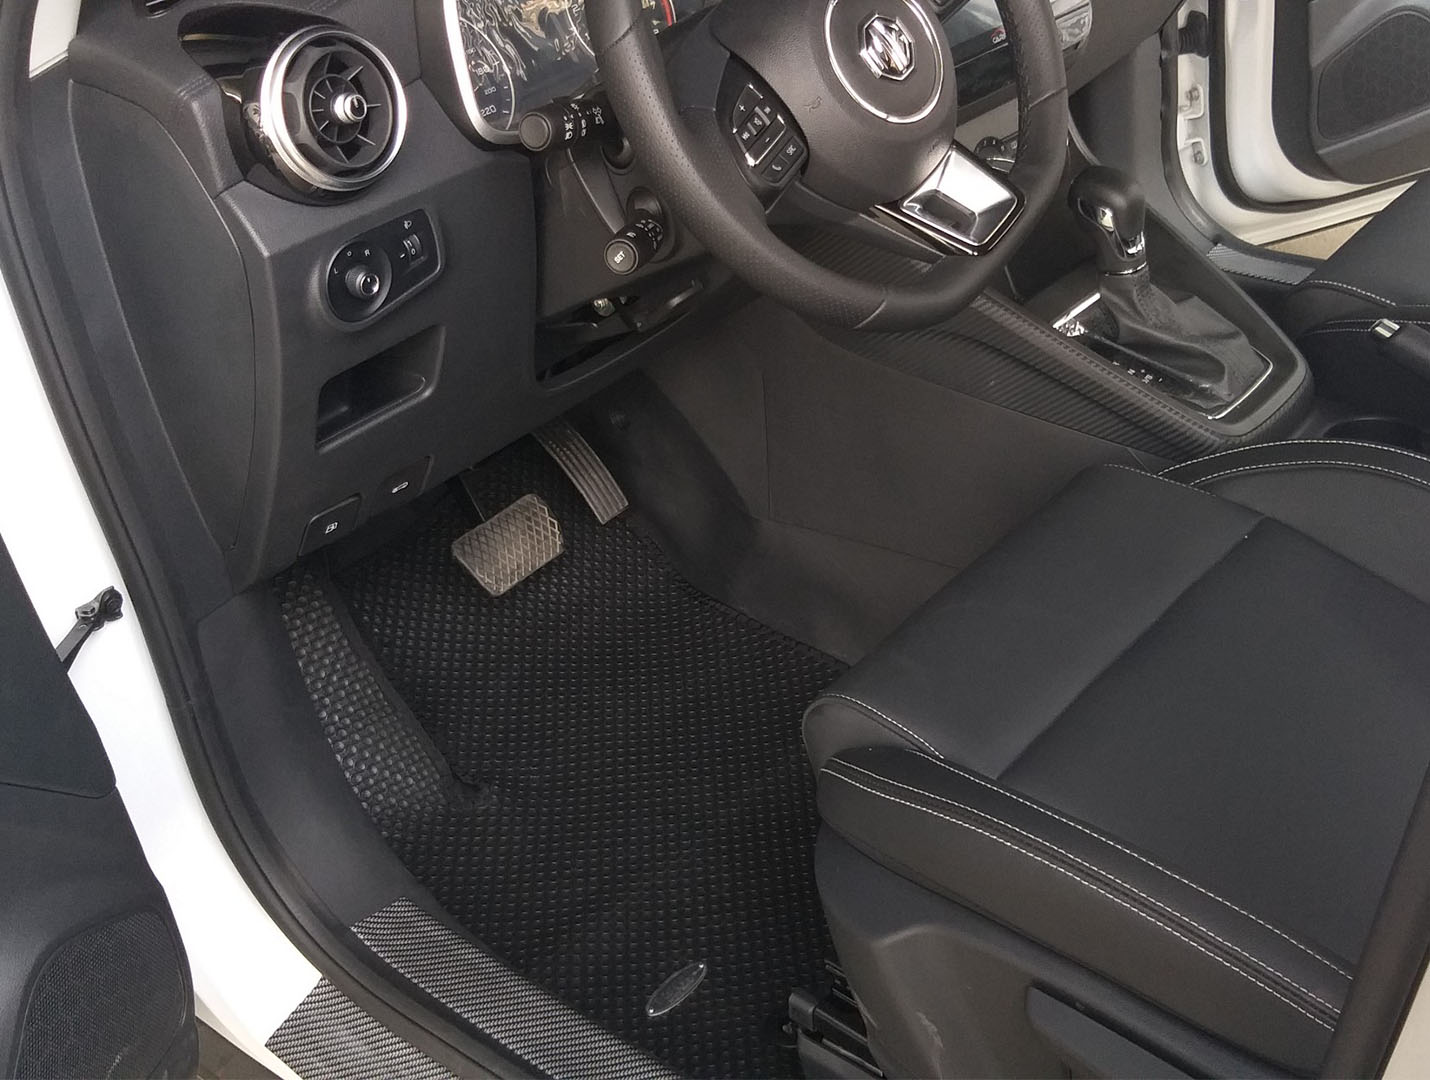 Thảm lót sàn MG ZS 2020